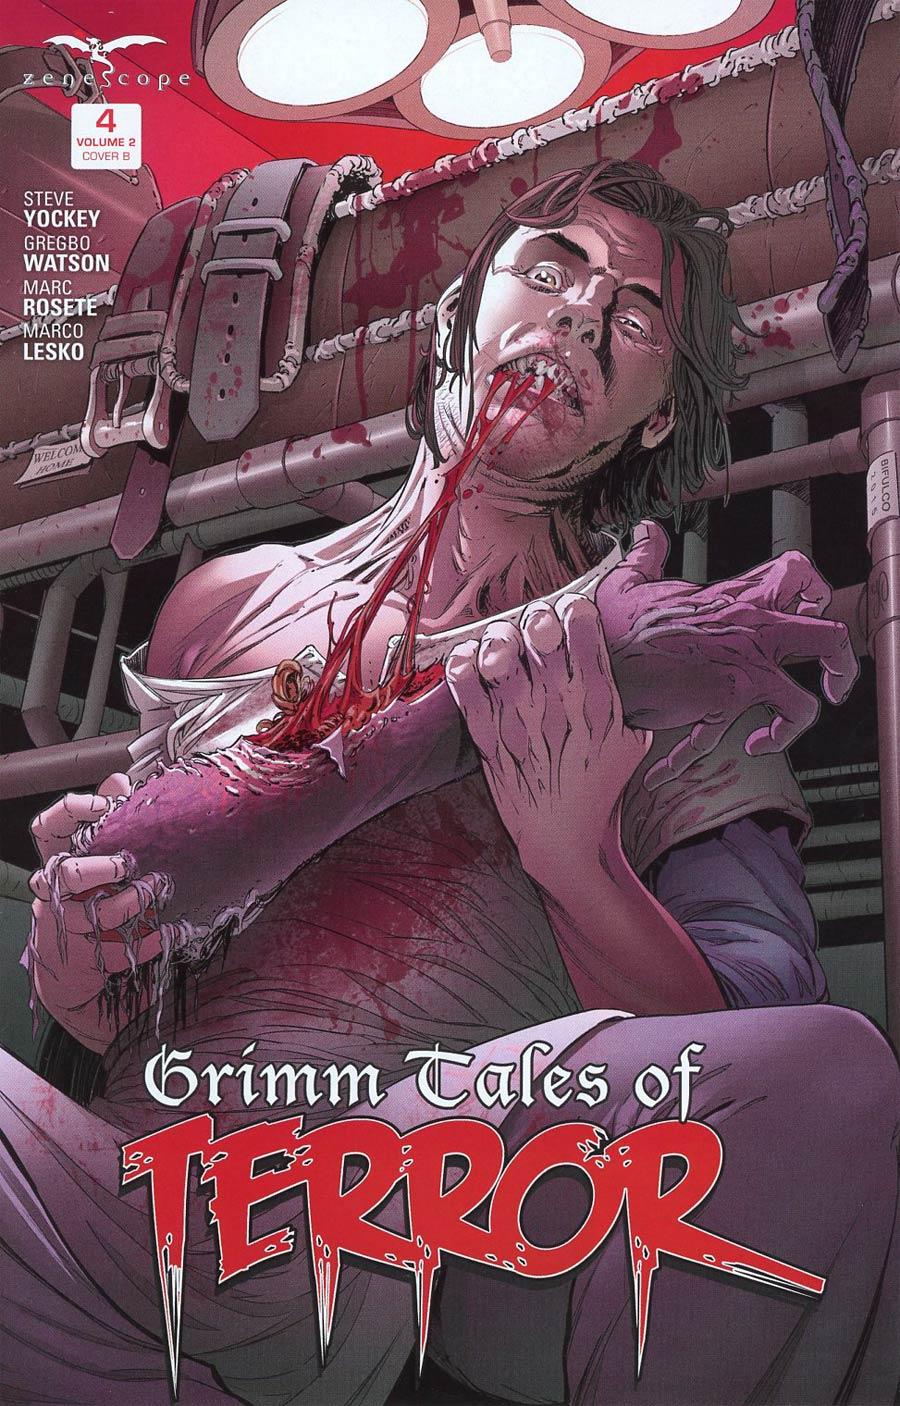 Grimm Fairy Tales Presents Grimm Tales Of Terror Vol 2 #4 Cover B Antonio BiFulco